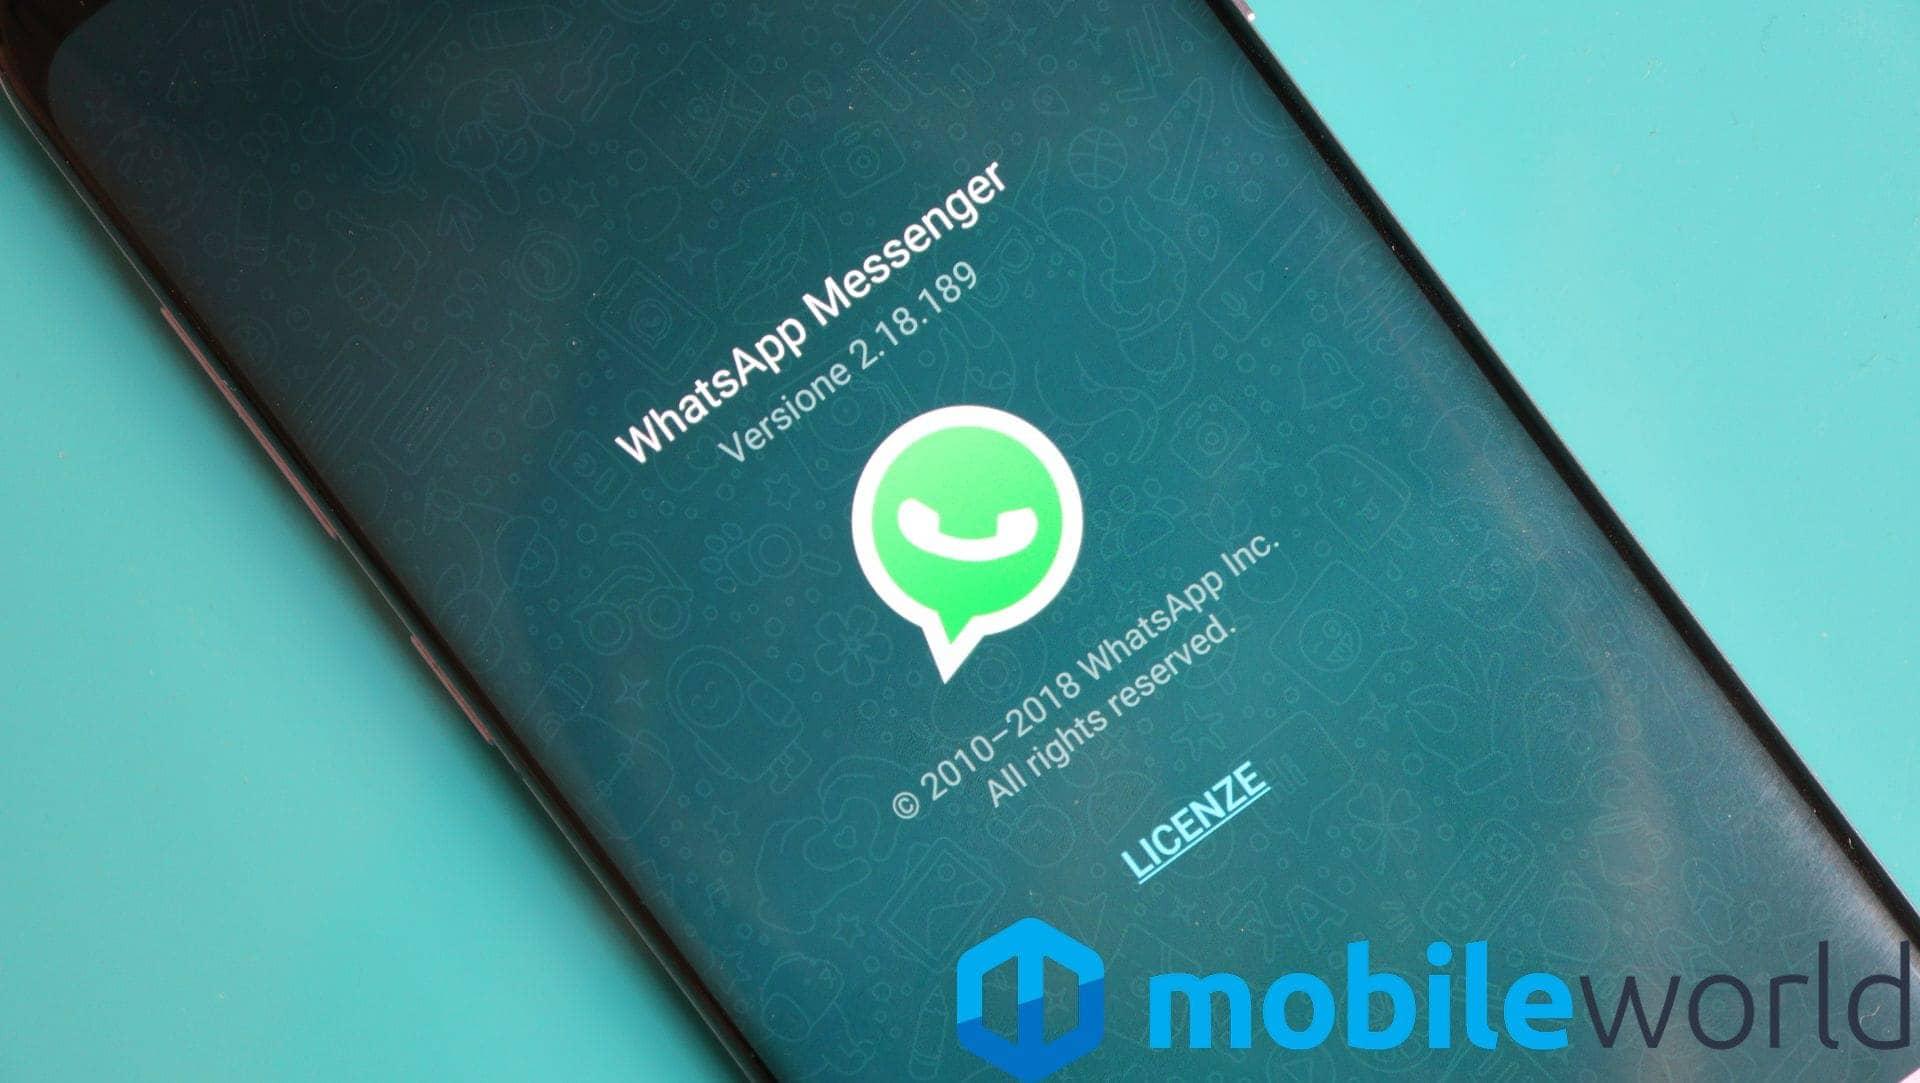 Potete intrattenere conversazioni auliche con voi stessi su WhatsApp, c'è il trucchetto (foto)